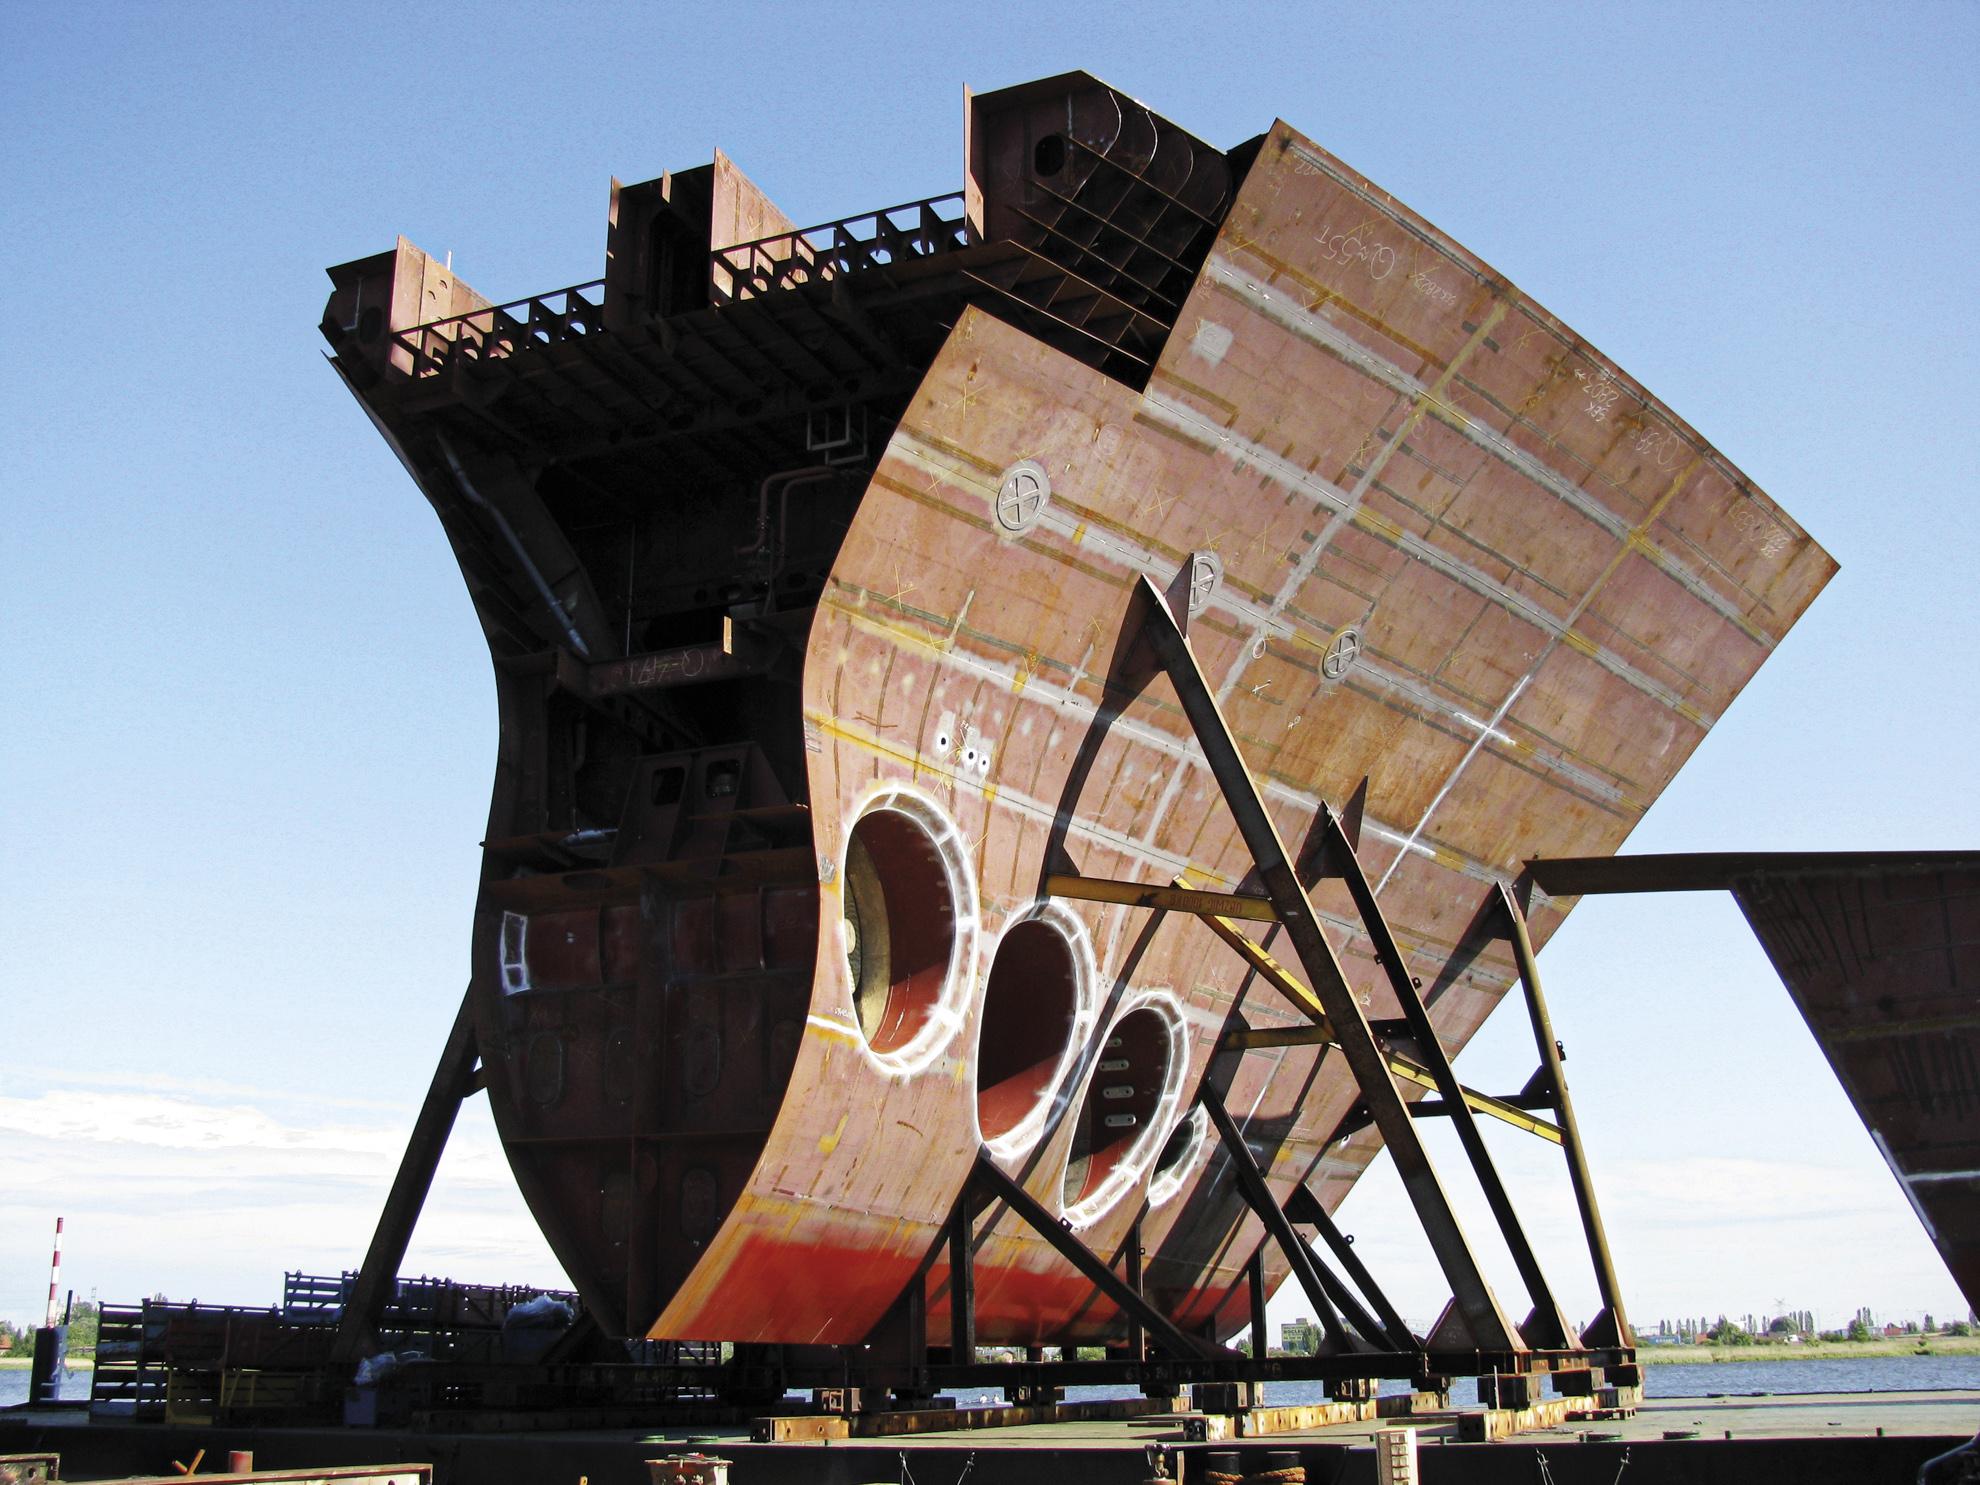 Hull Blocks - Marine Projects Ltd